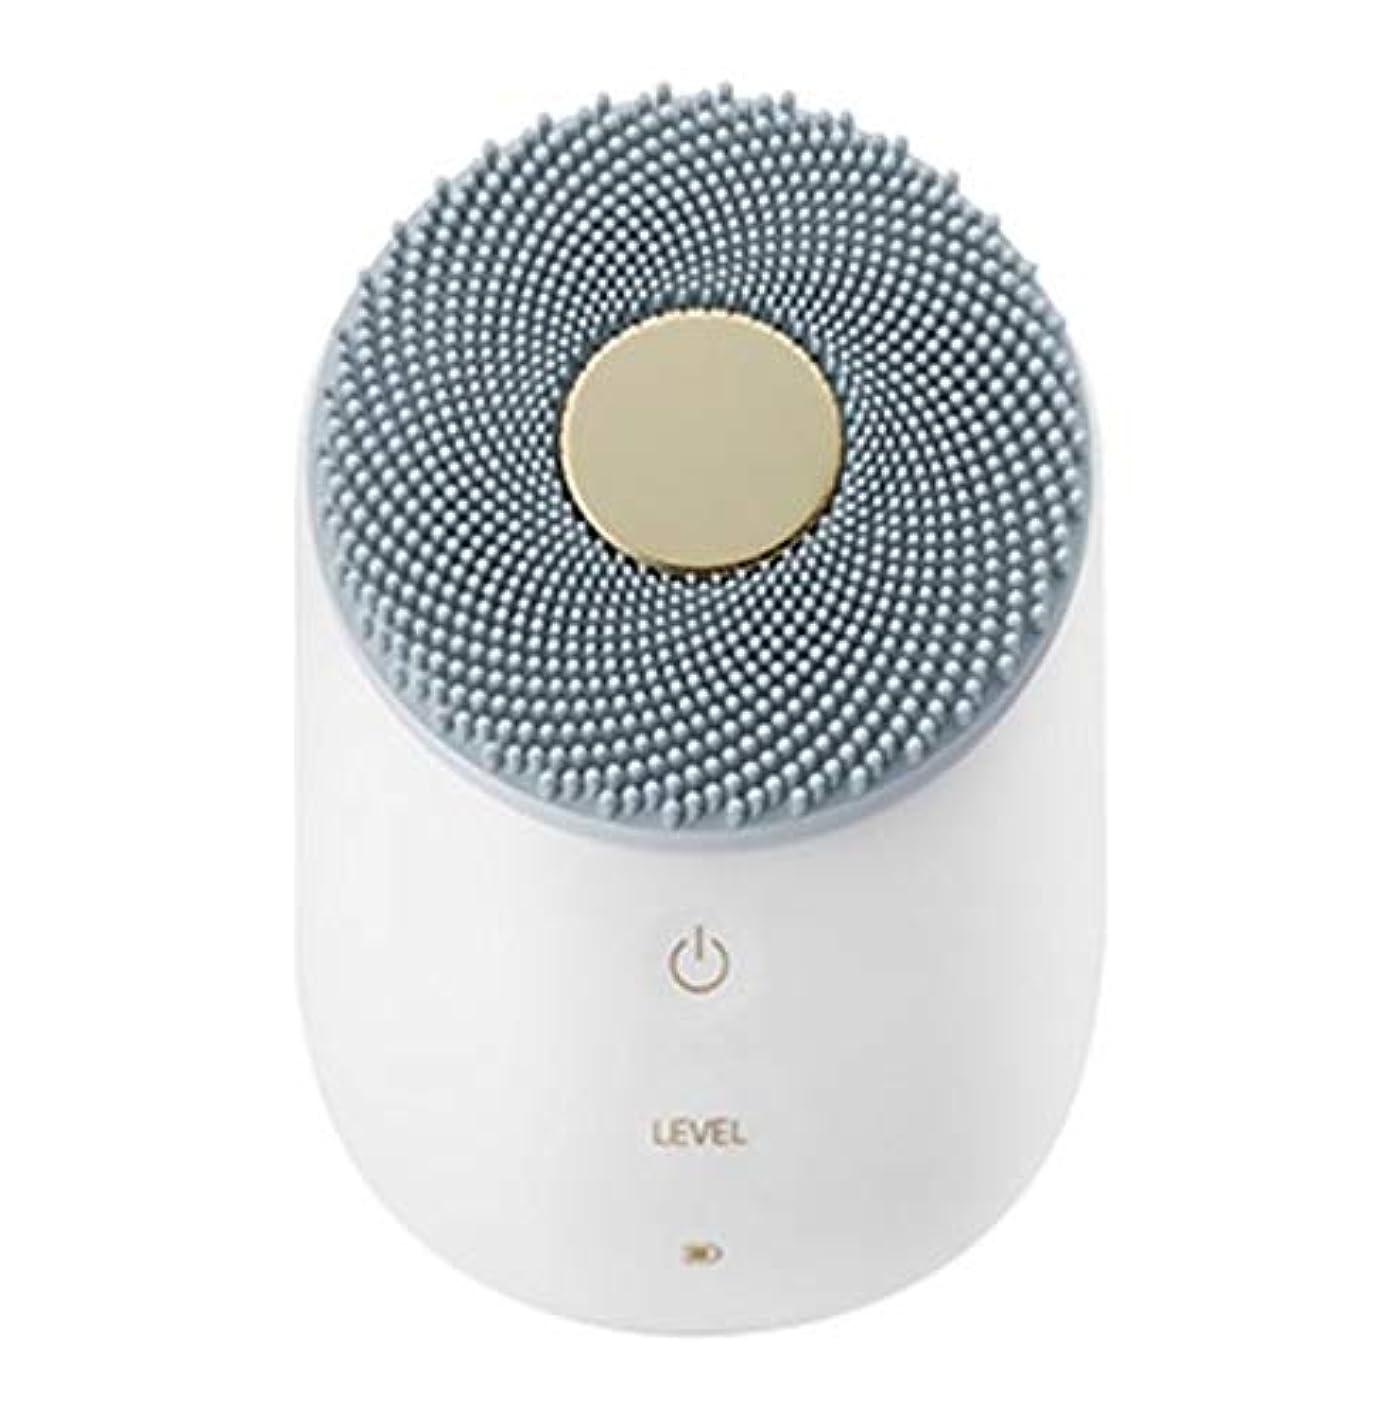 洋服ウサギミニ(LGエレクトロニクス) LG Electronics Pra.L 超音波 振動 クレンジング 美肌 フェイシャル 洗顔 ブラシ [並行輸入品]